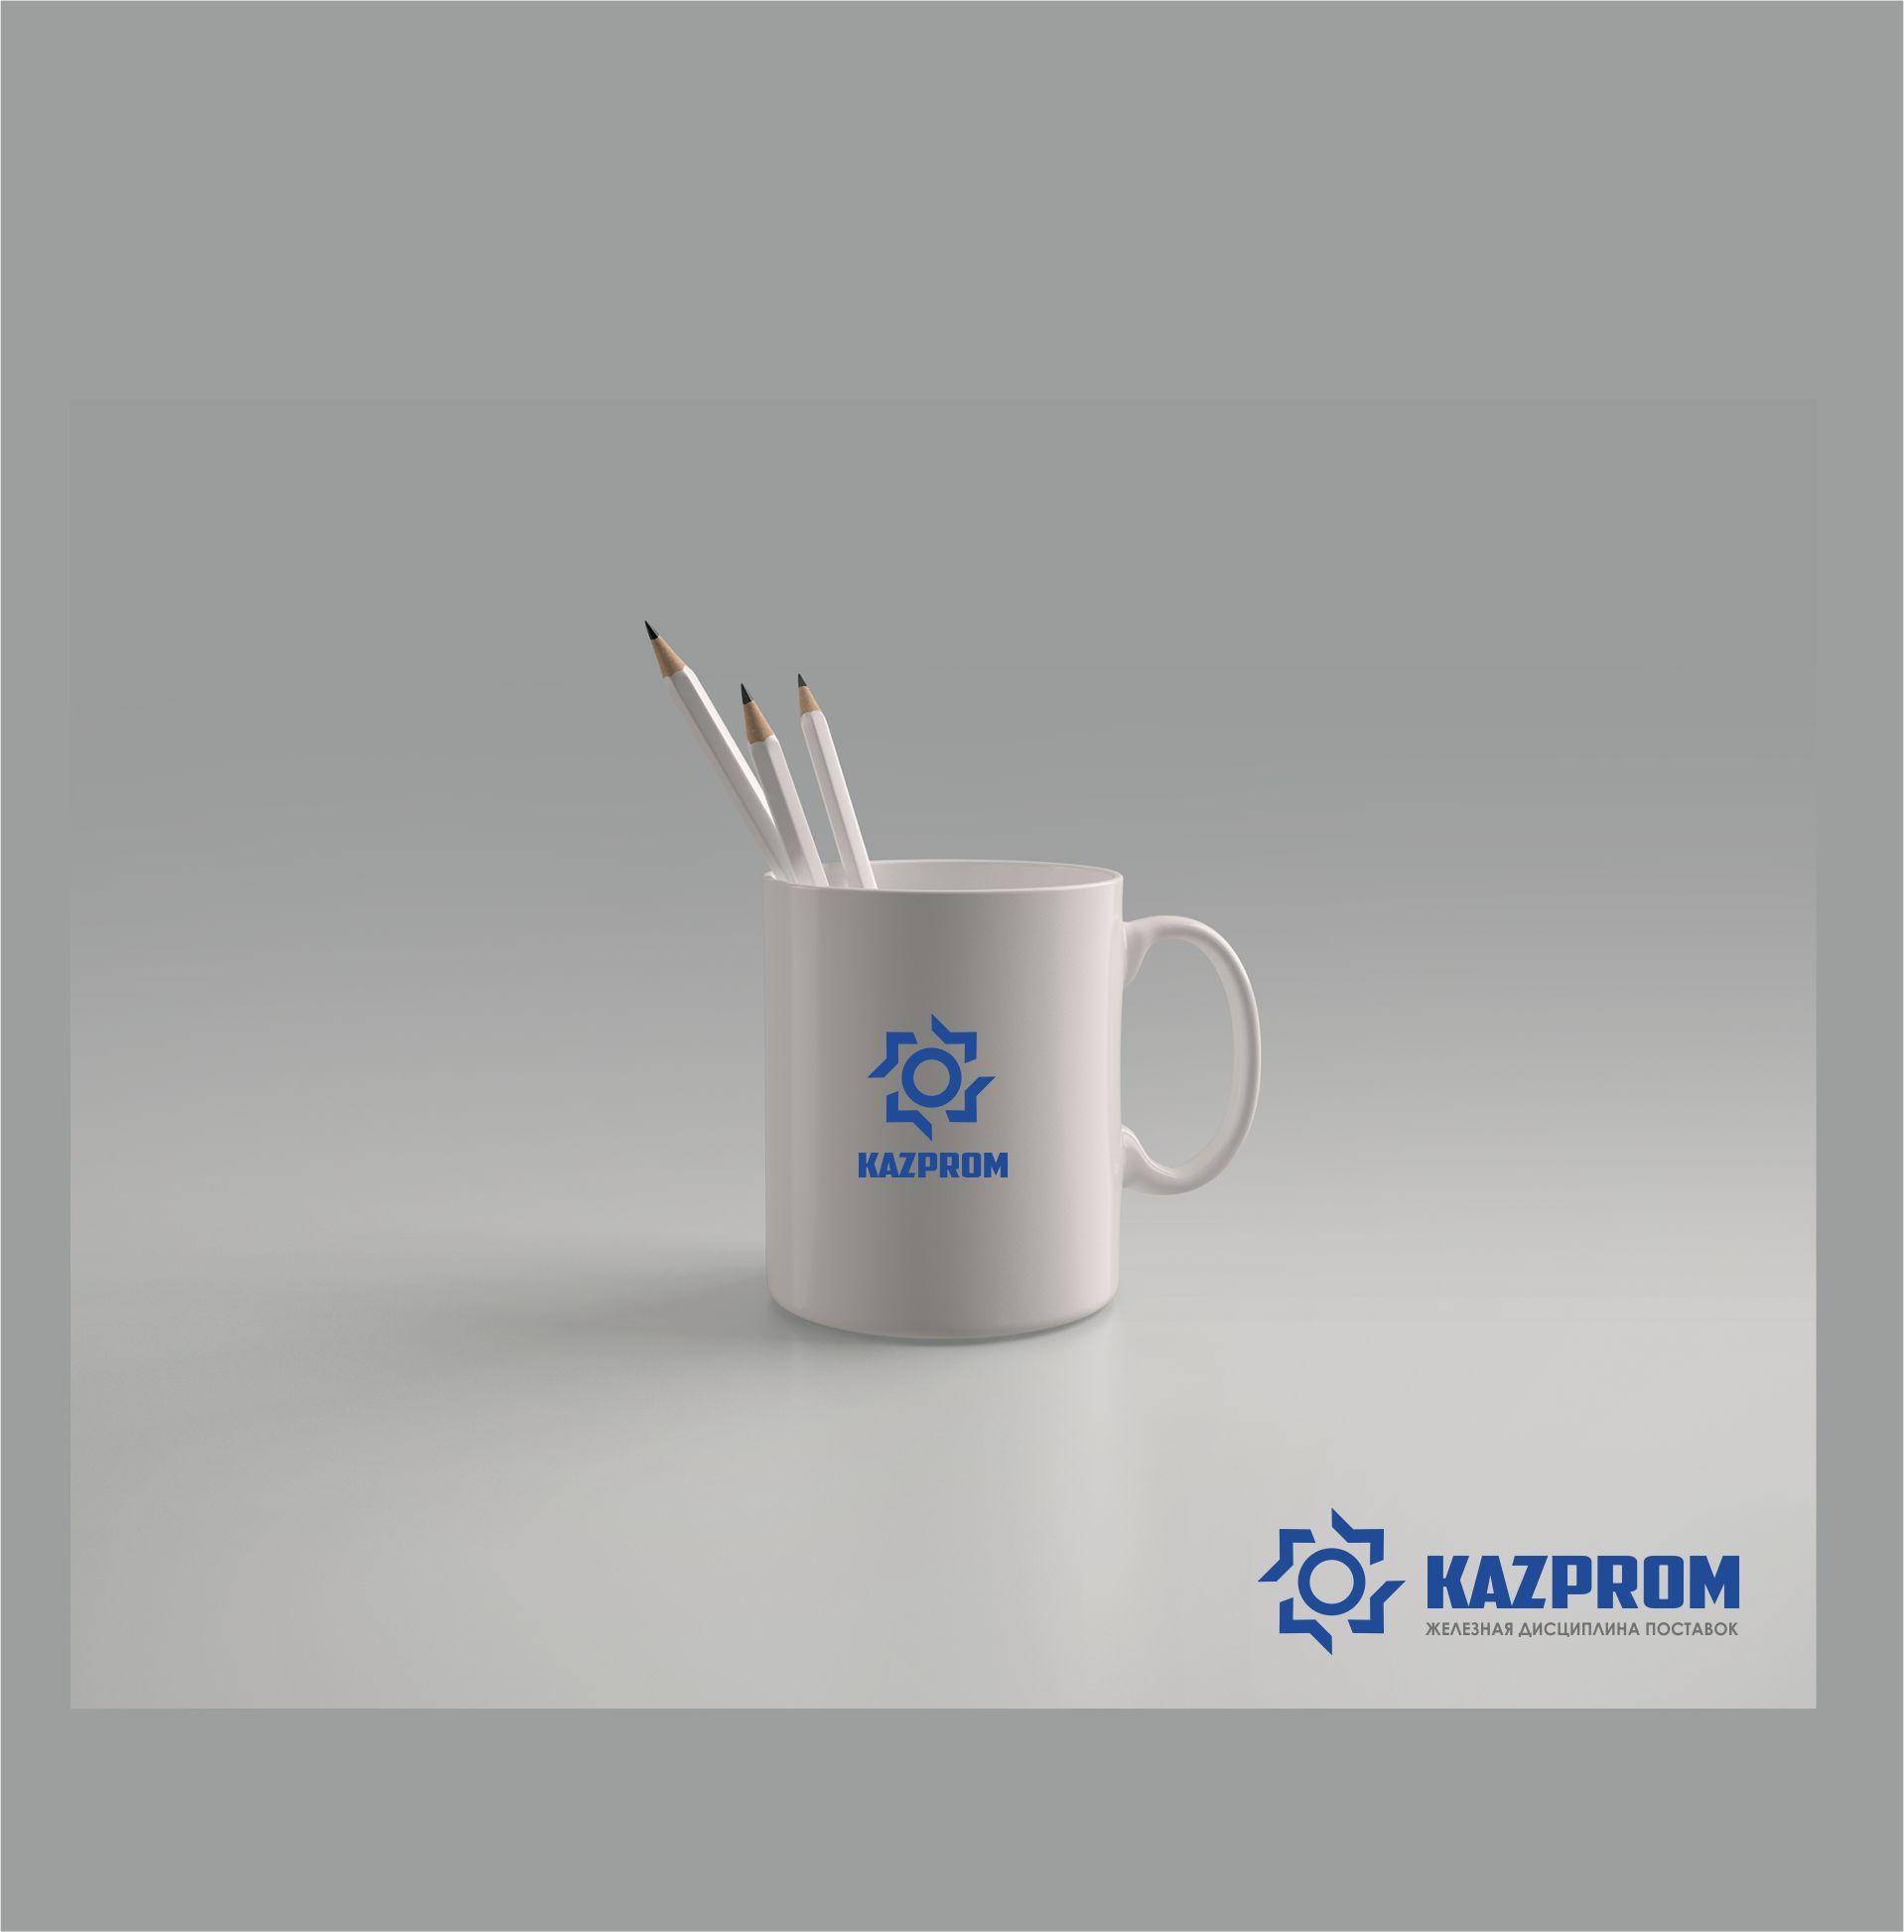 Редизайн логотипа, создание фирменного стиля - дизайнер dbyjuhfl